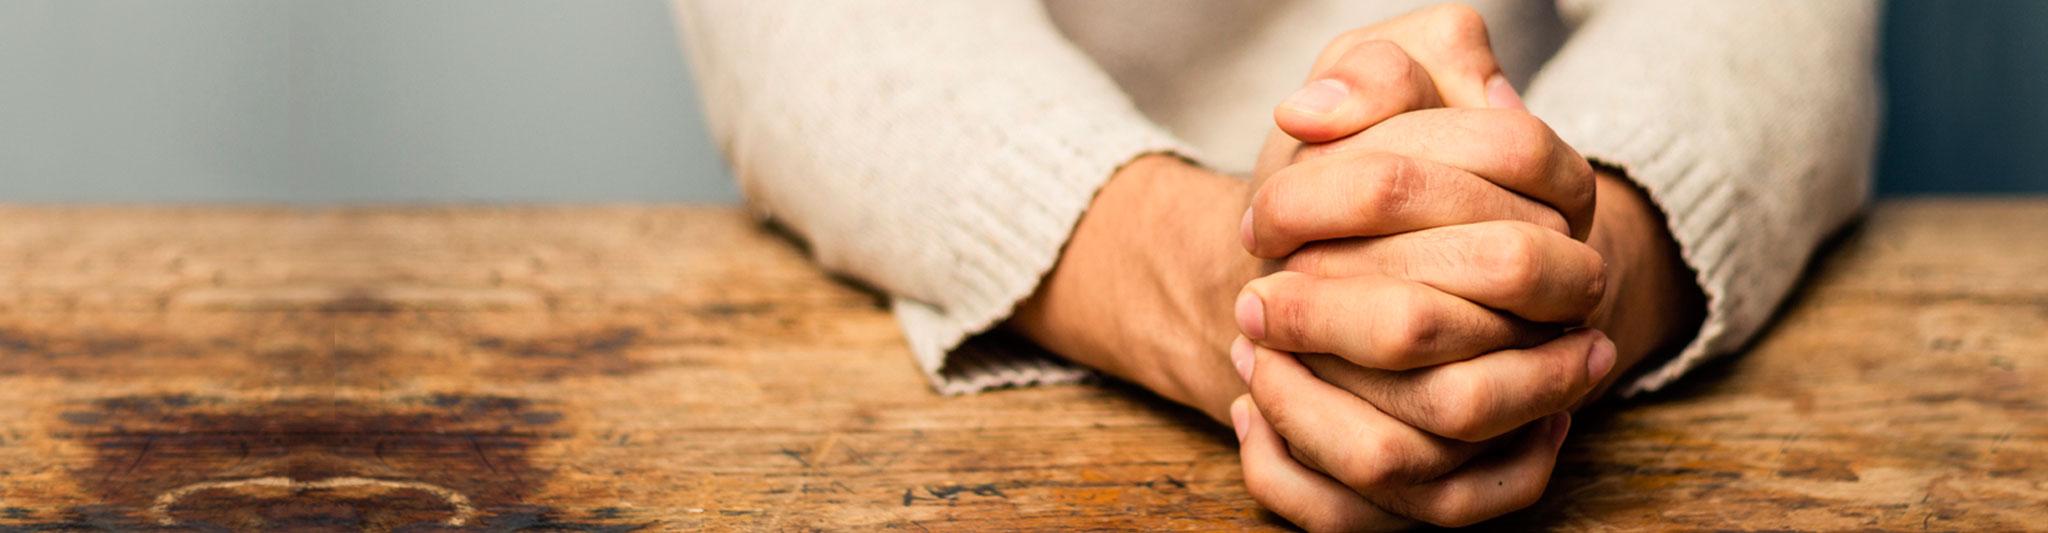 ChurchBannersFW-PrayerBrek